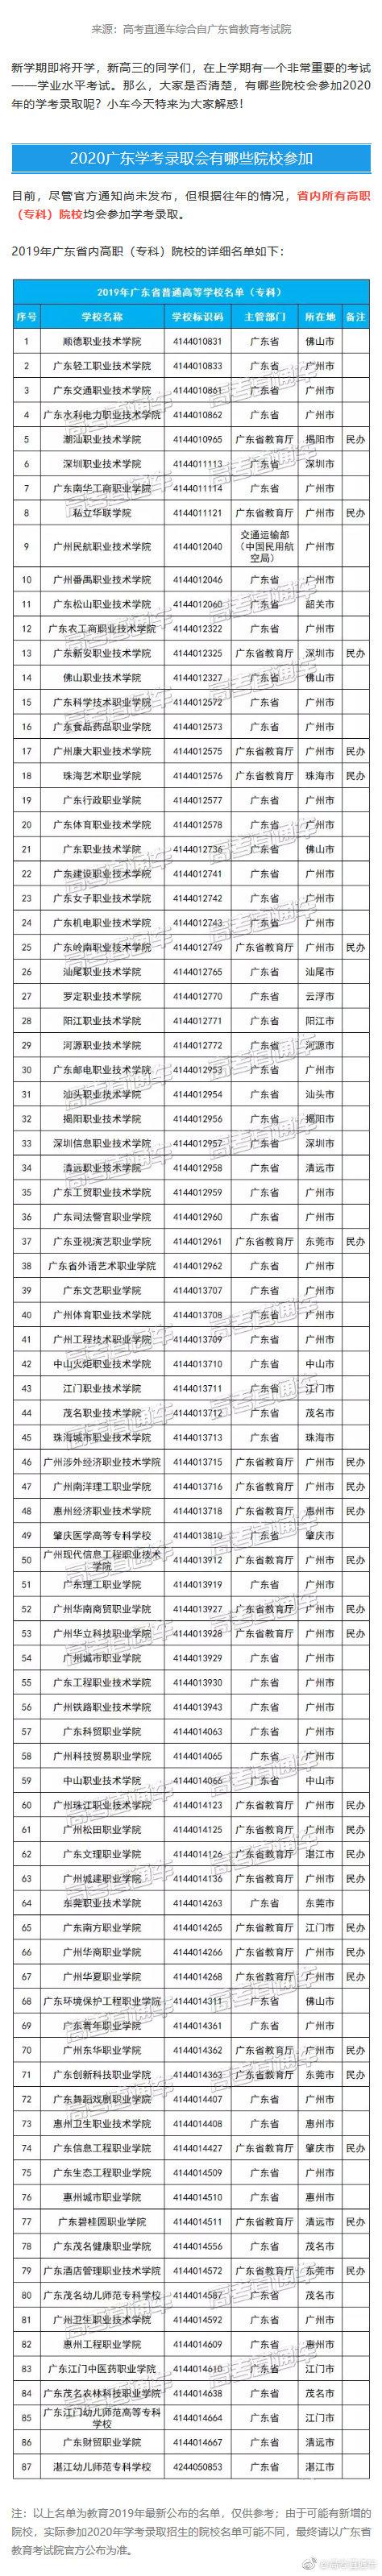 2020广东学考录取院校名单+投档分数线最全汇总来啦